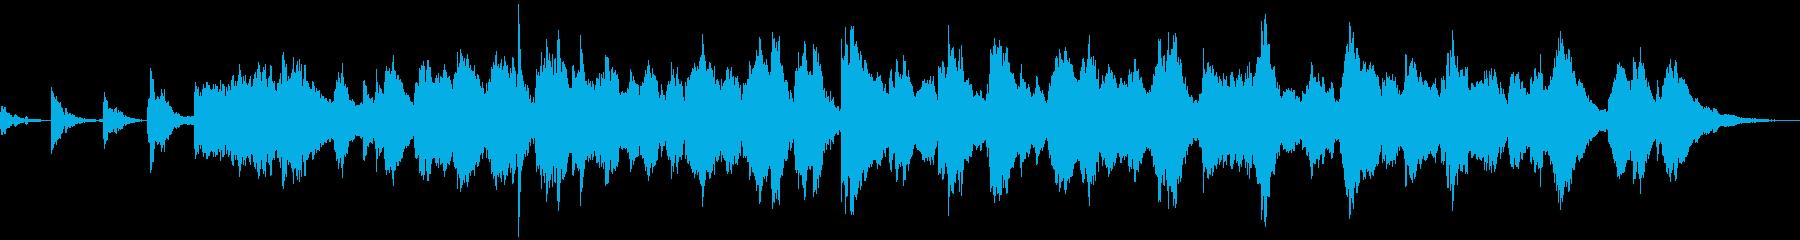 ヒーリング、リラックス向けアンビエント の再生済みの波形